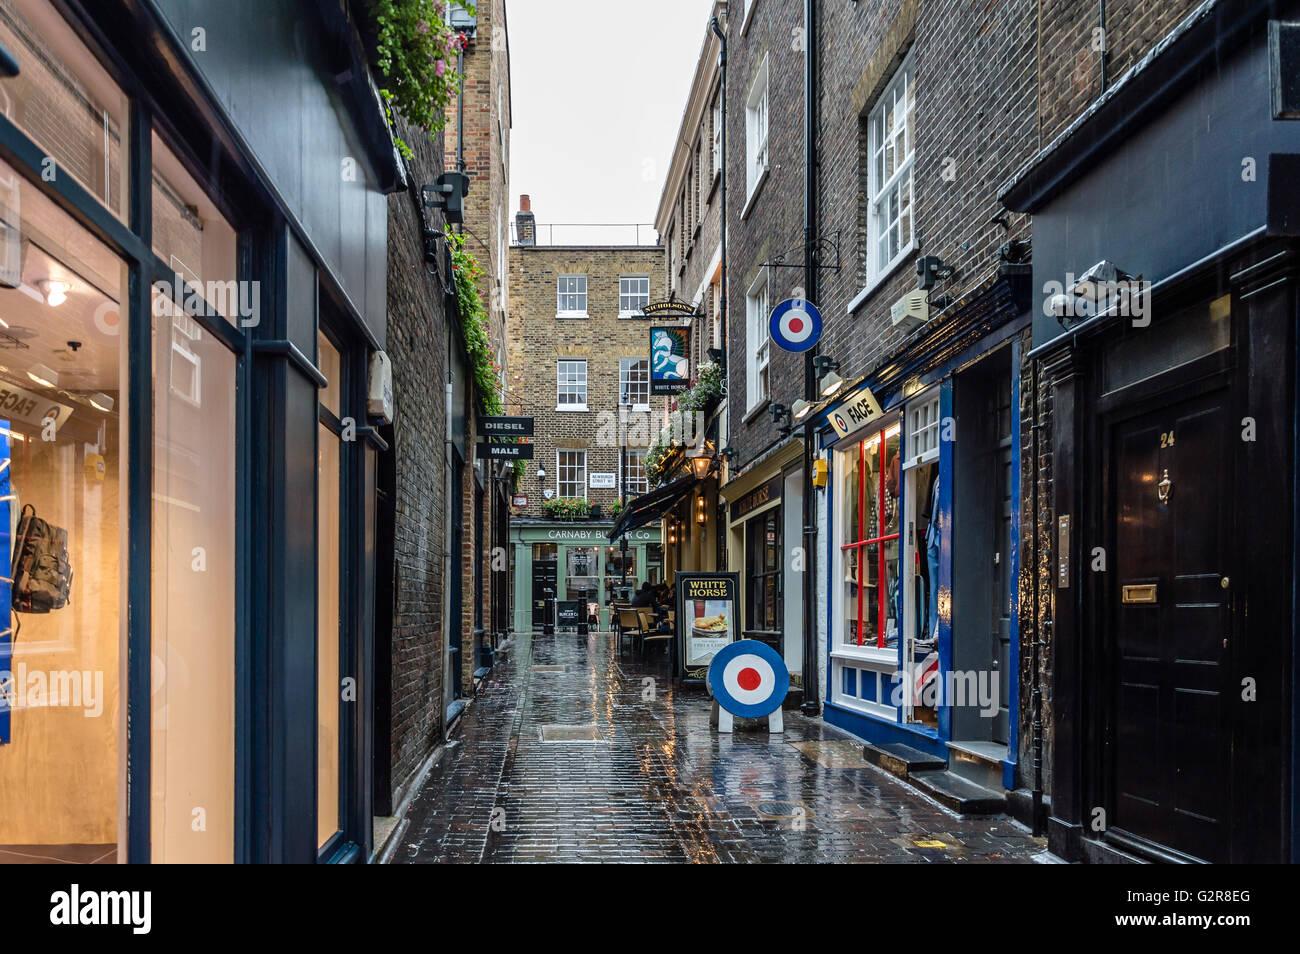 LONDON, UK - 24. August 2015: Blick auf die Carnaby Street. Carnaby Street ist eine Fußgängerzone Einkaufsstraße Stockbild